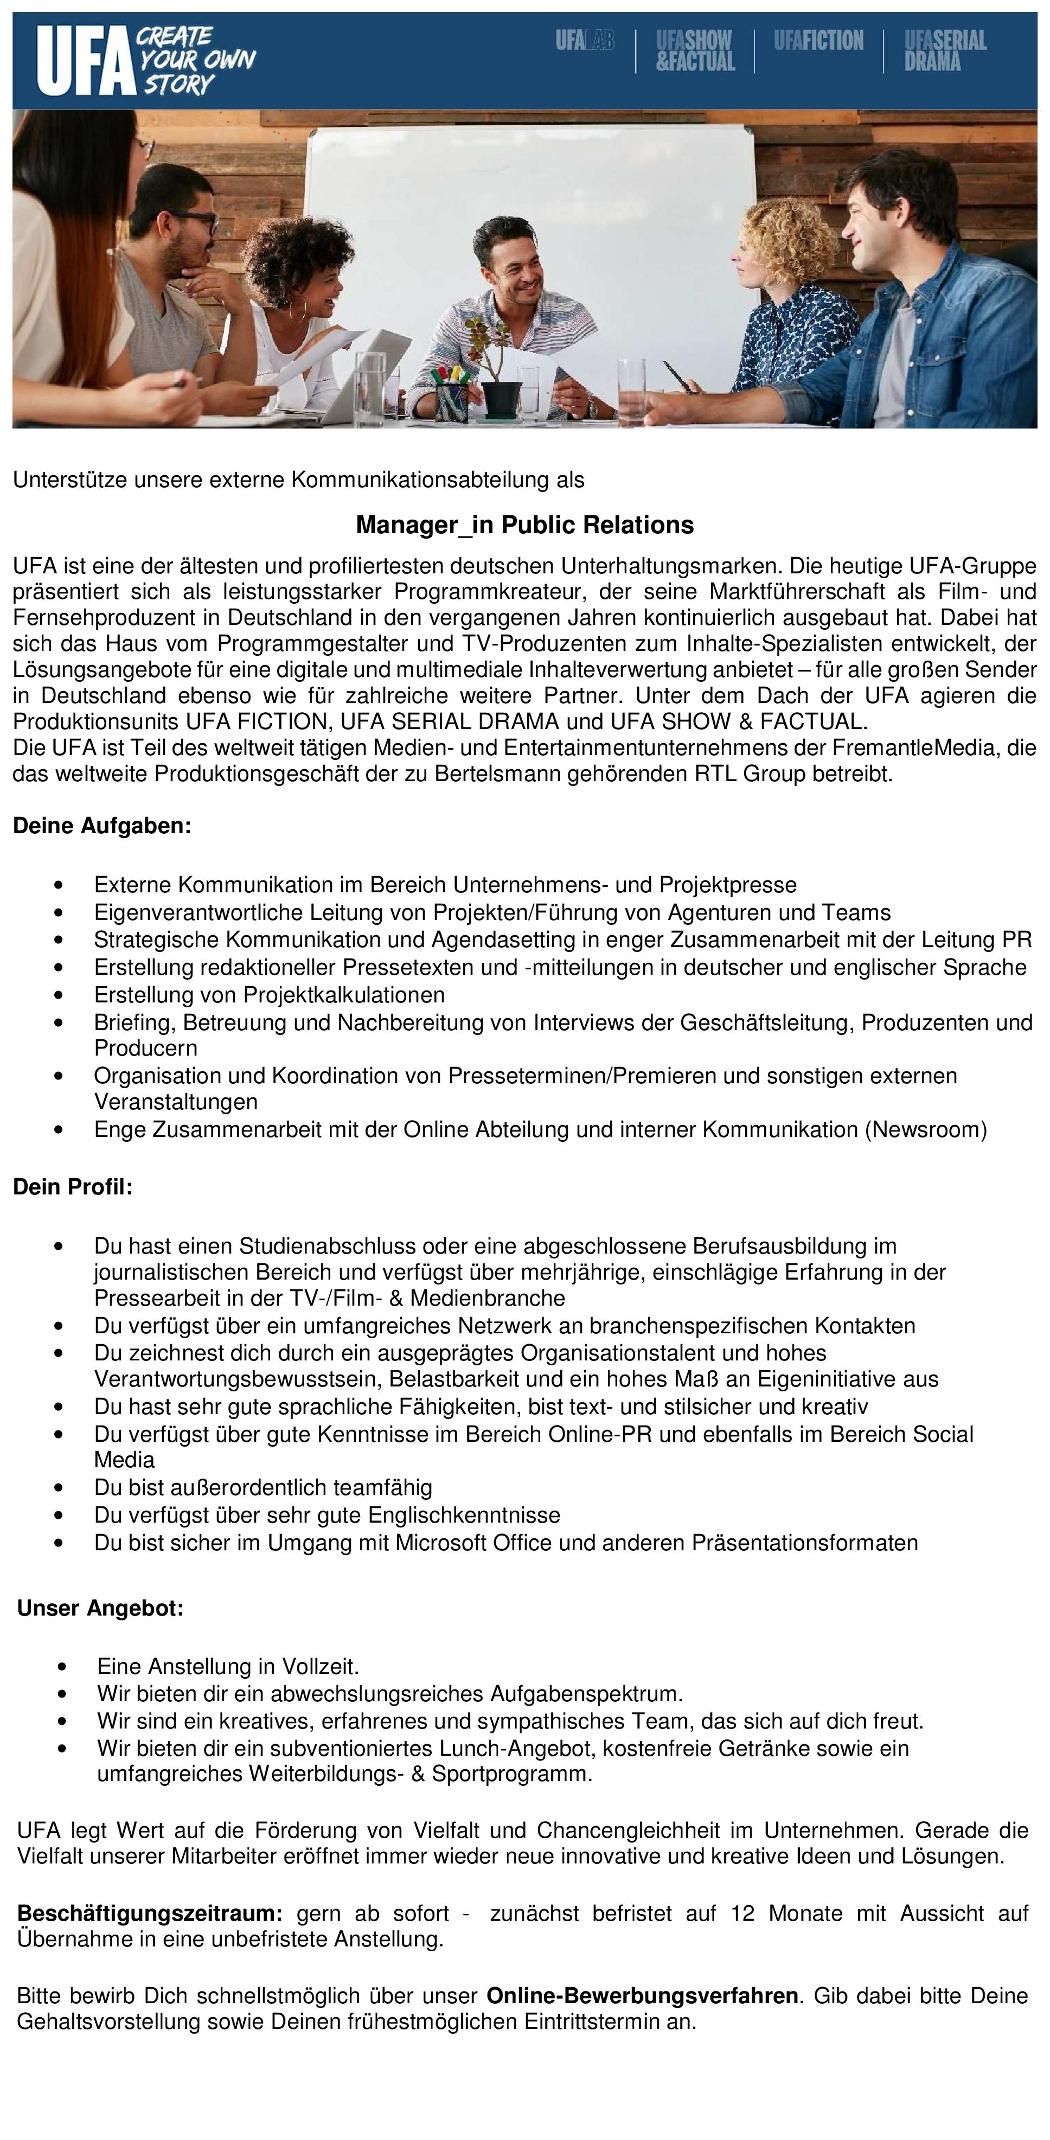 Tolle Nimmt Anschreiben Networking Und Interviews Wieder Auf ...